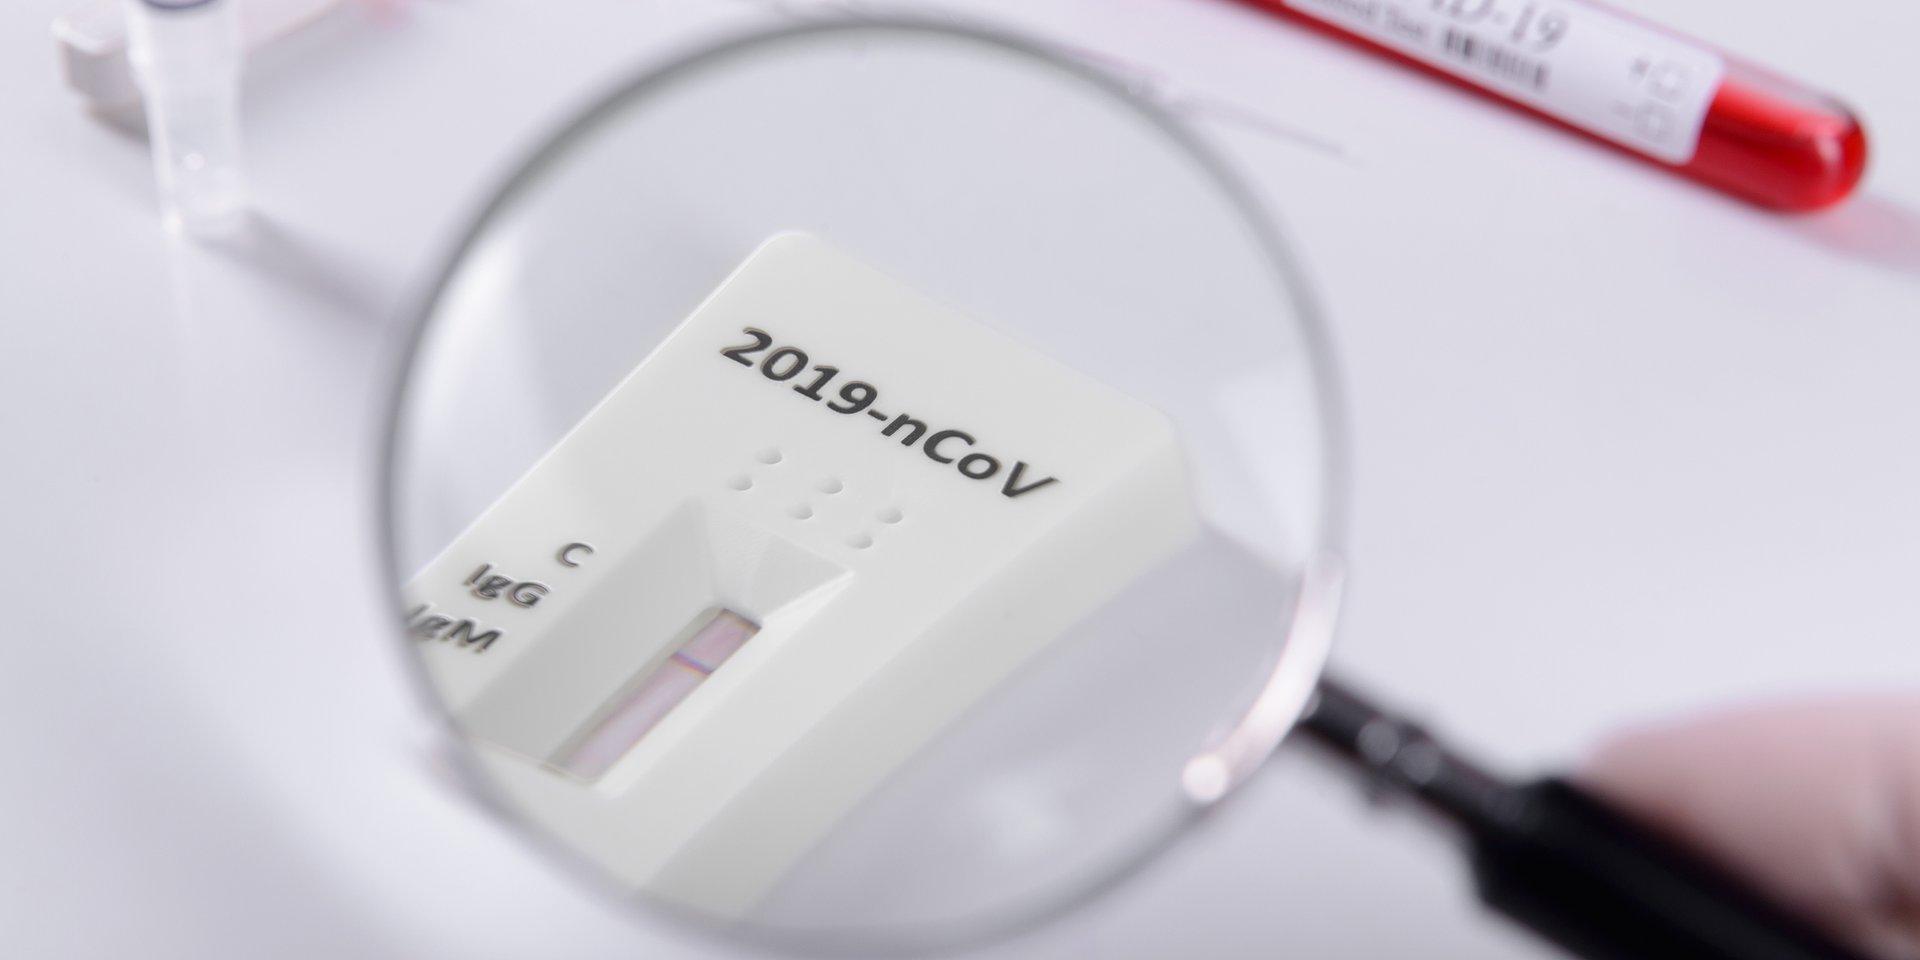 Testy serologiczne dla farmaceutów. Szybki sposób na sprawdzenie personelu